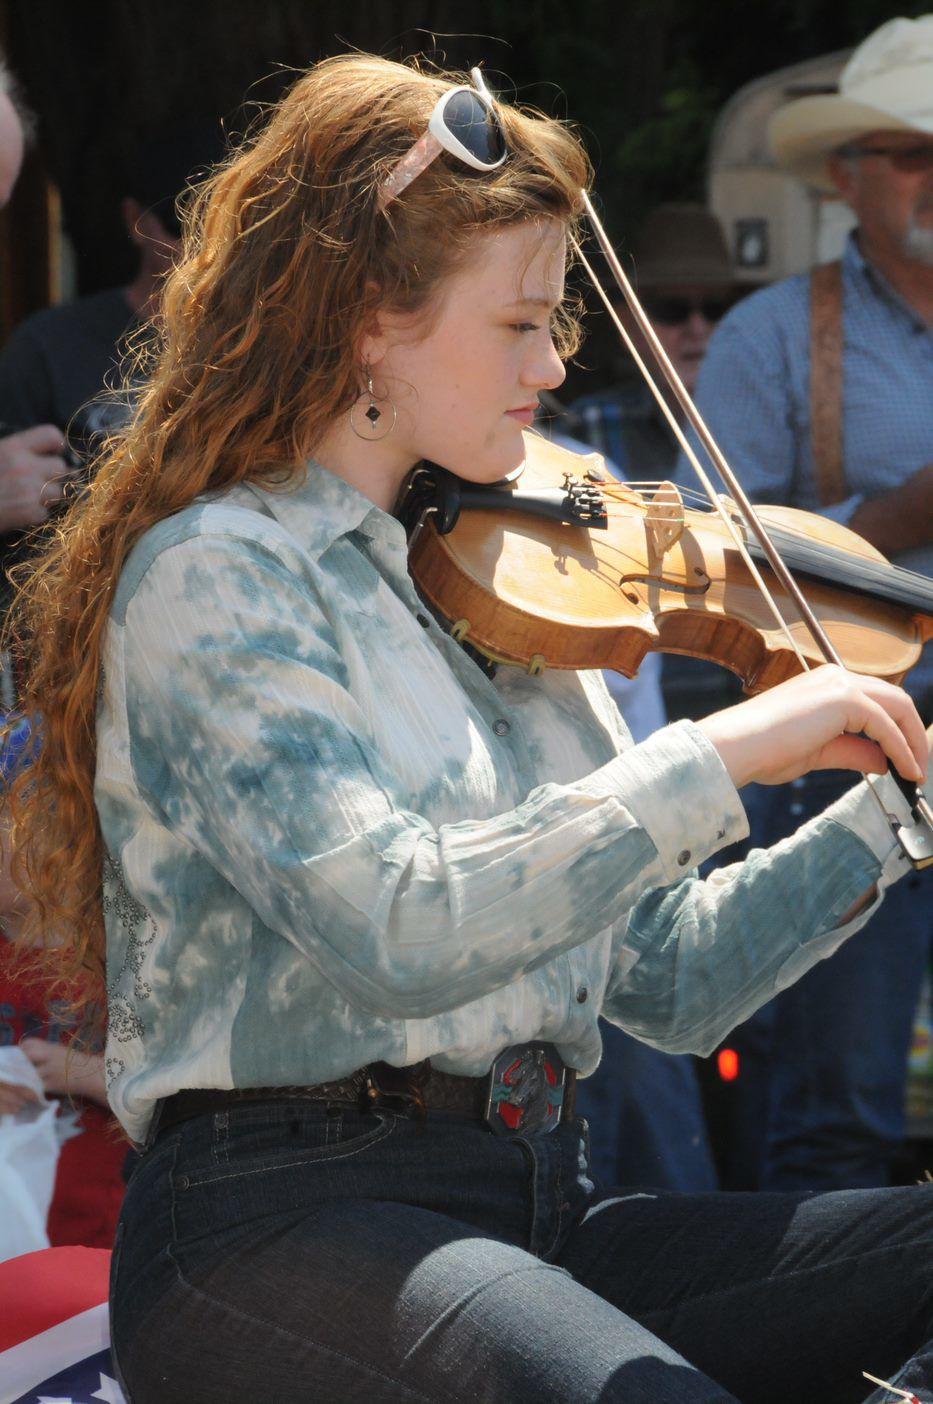 Molly VanSteenwyk